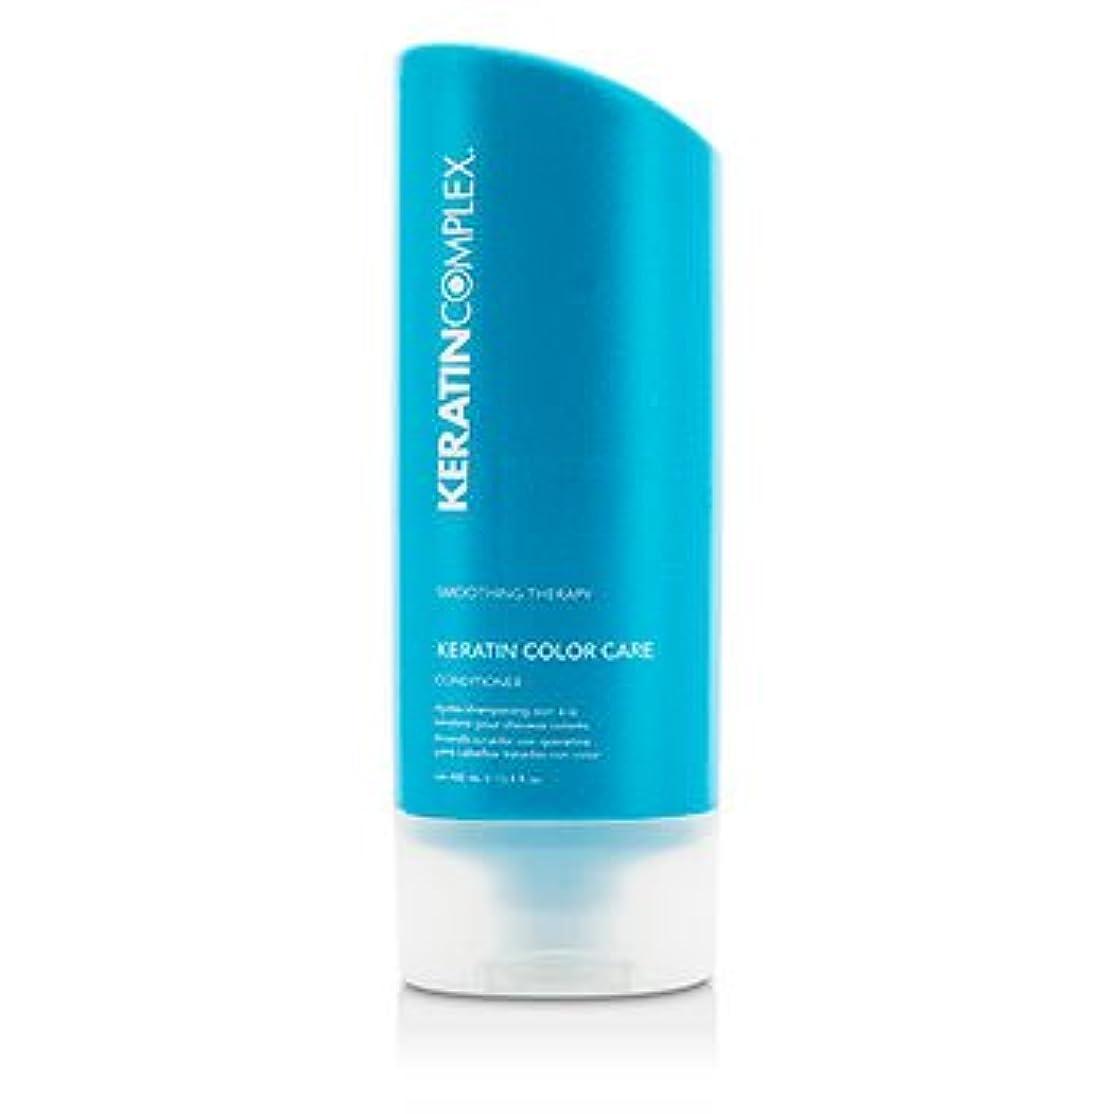 レスリング辛な弱点[Keratin Complex] Smoothing Therapy Keratin Color Care Conditioner (For All Hair Types) 400ml/13.5oz